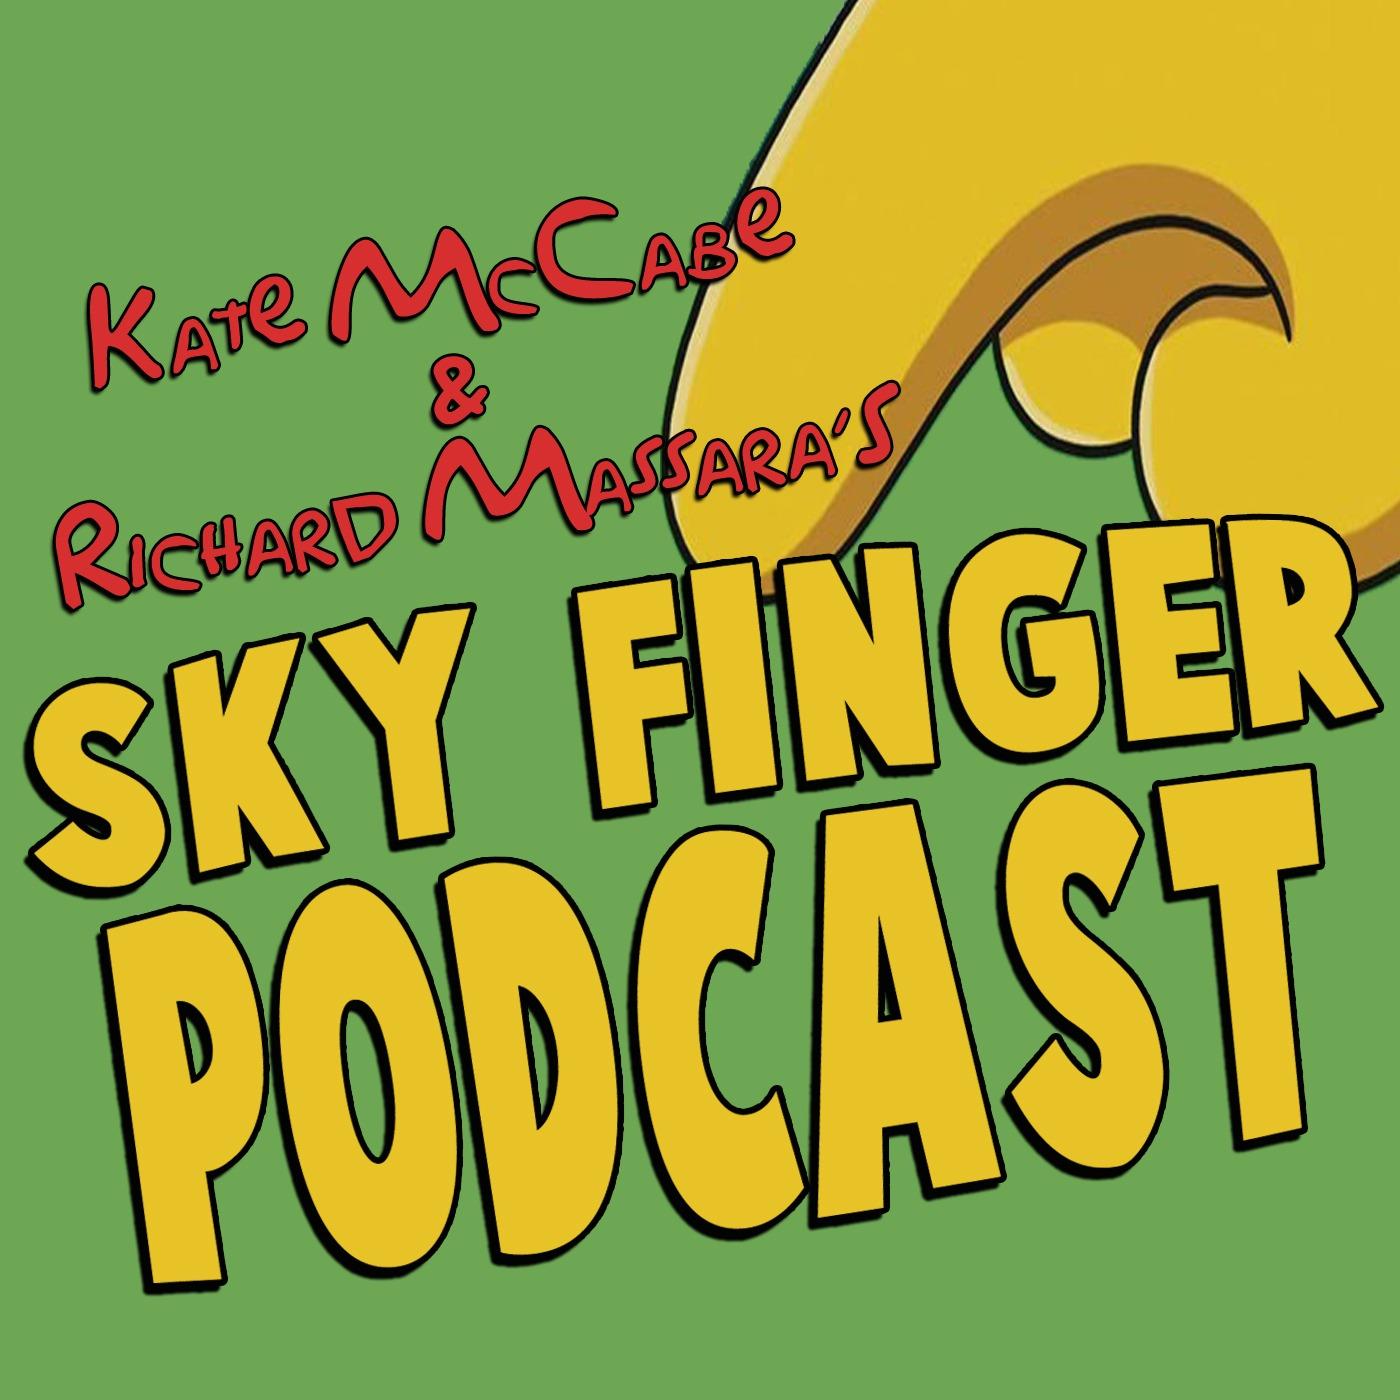 Sky Finger Podcast